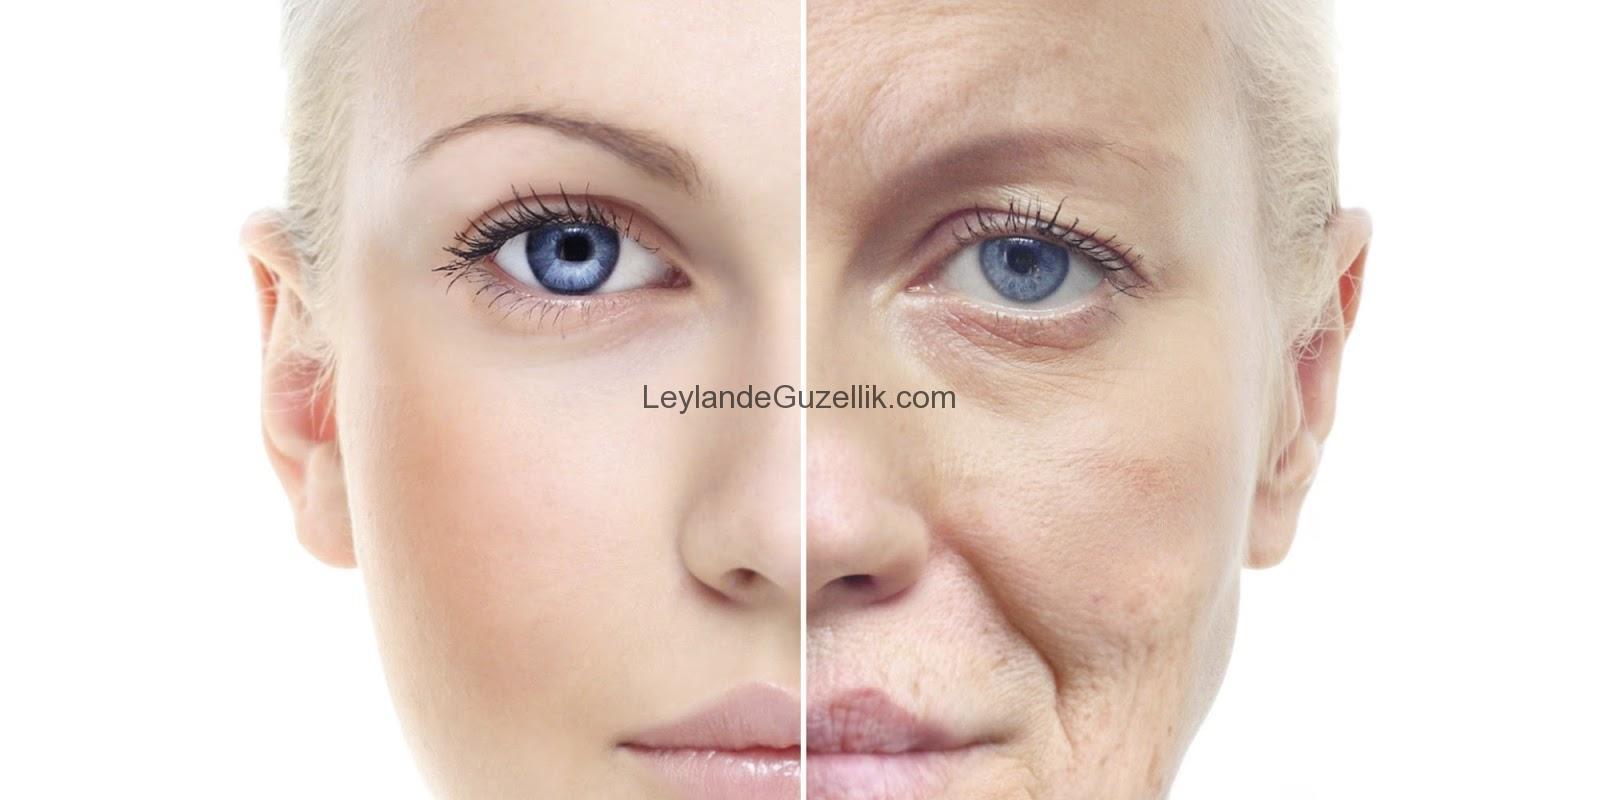 cilt gençleştirme, cilt gençleştirme yöntemleri 2017, doğal yüz gençleştirme yöntemleri, ameliyatsız yüz gençleştirme yöntemleri, cilt gençleştirme fiyatları, cilt gençleştirme bitkisel, cilt gençleştirme vitaminleri, yüz gençleştirme teknikleri, cilt gençleştirme kremleri,